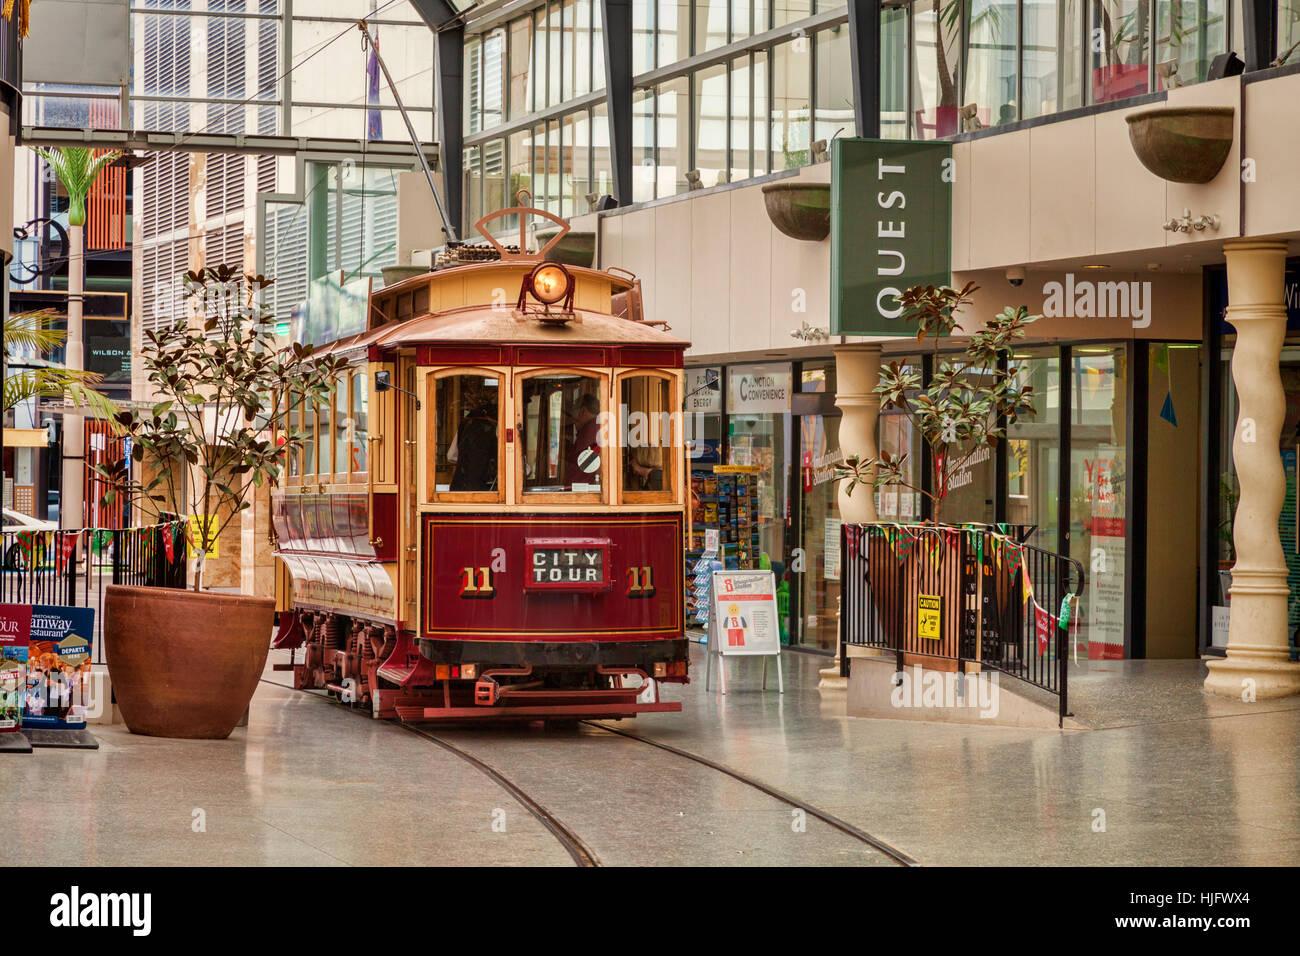 Vintage vetture tranviarie in Cattedrale Junction, un combinato di shopping mall e la fermata del tram nel centro Immagini Stock